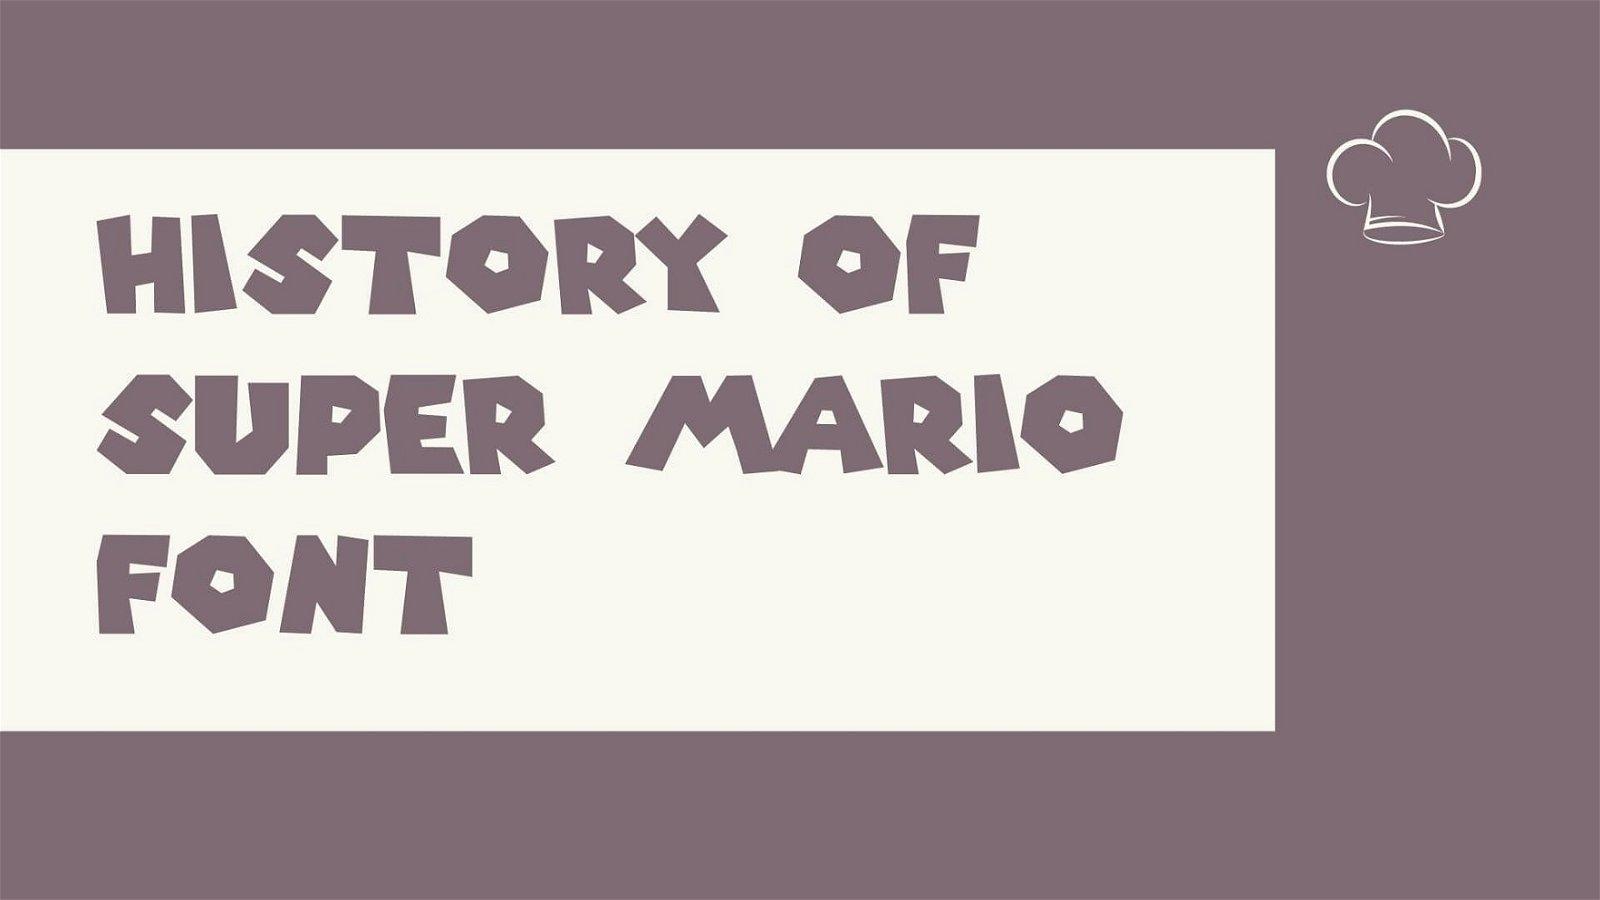 History of Super Mario Font